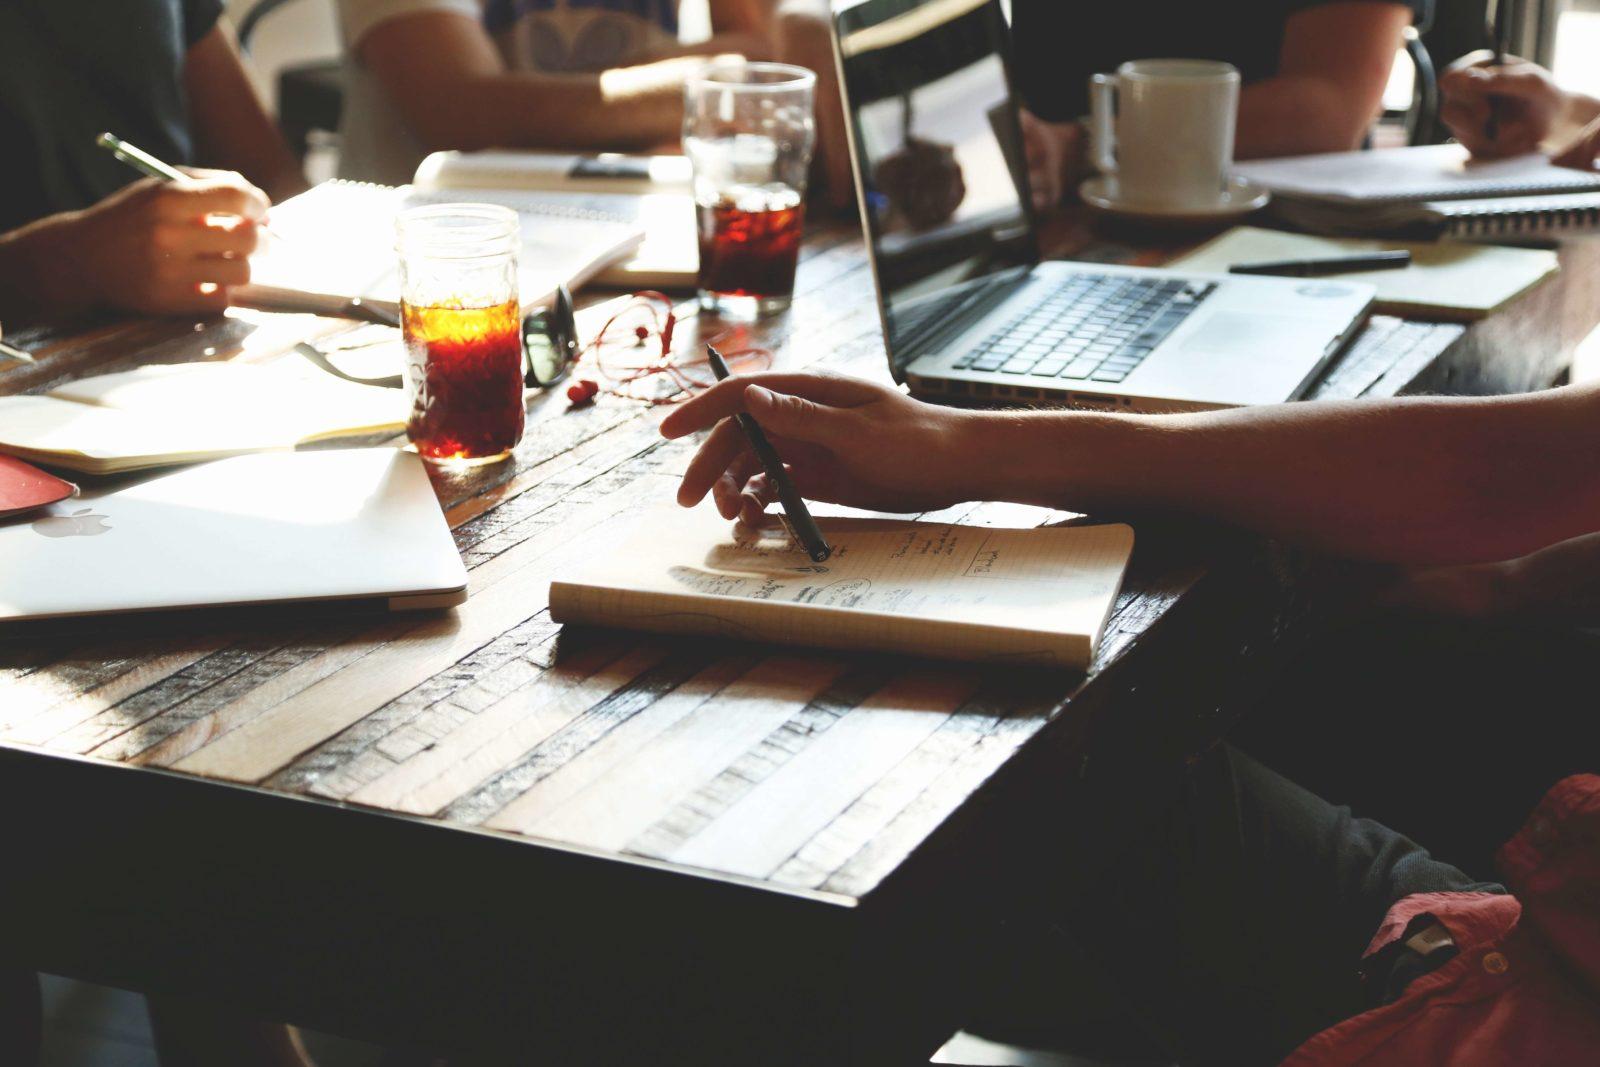 Ein Tisch voller Lernunterlagen